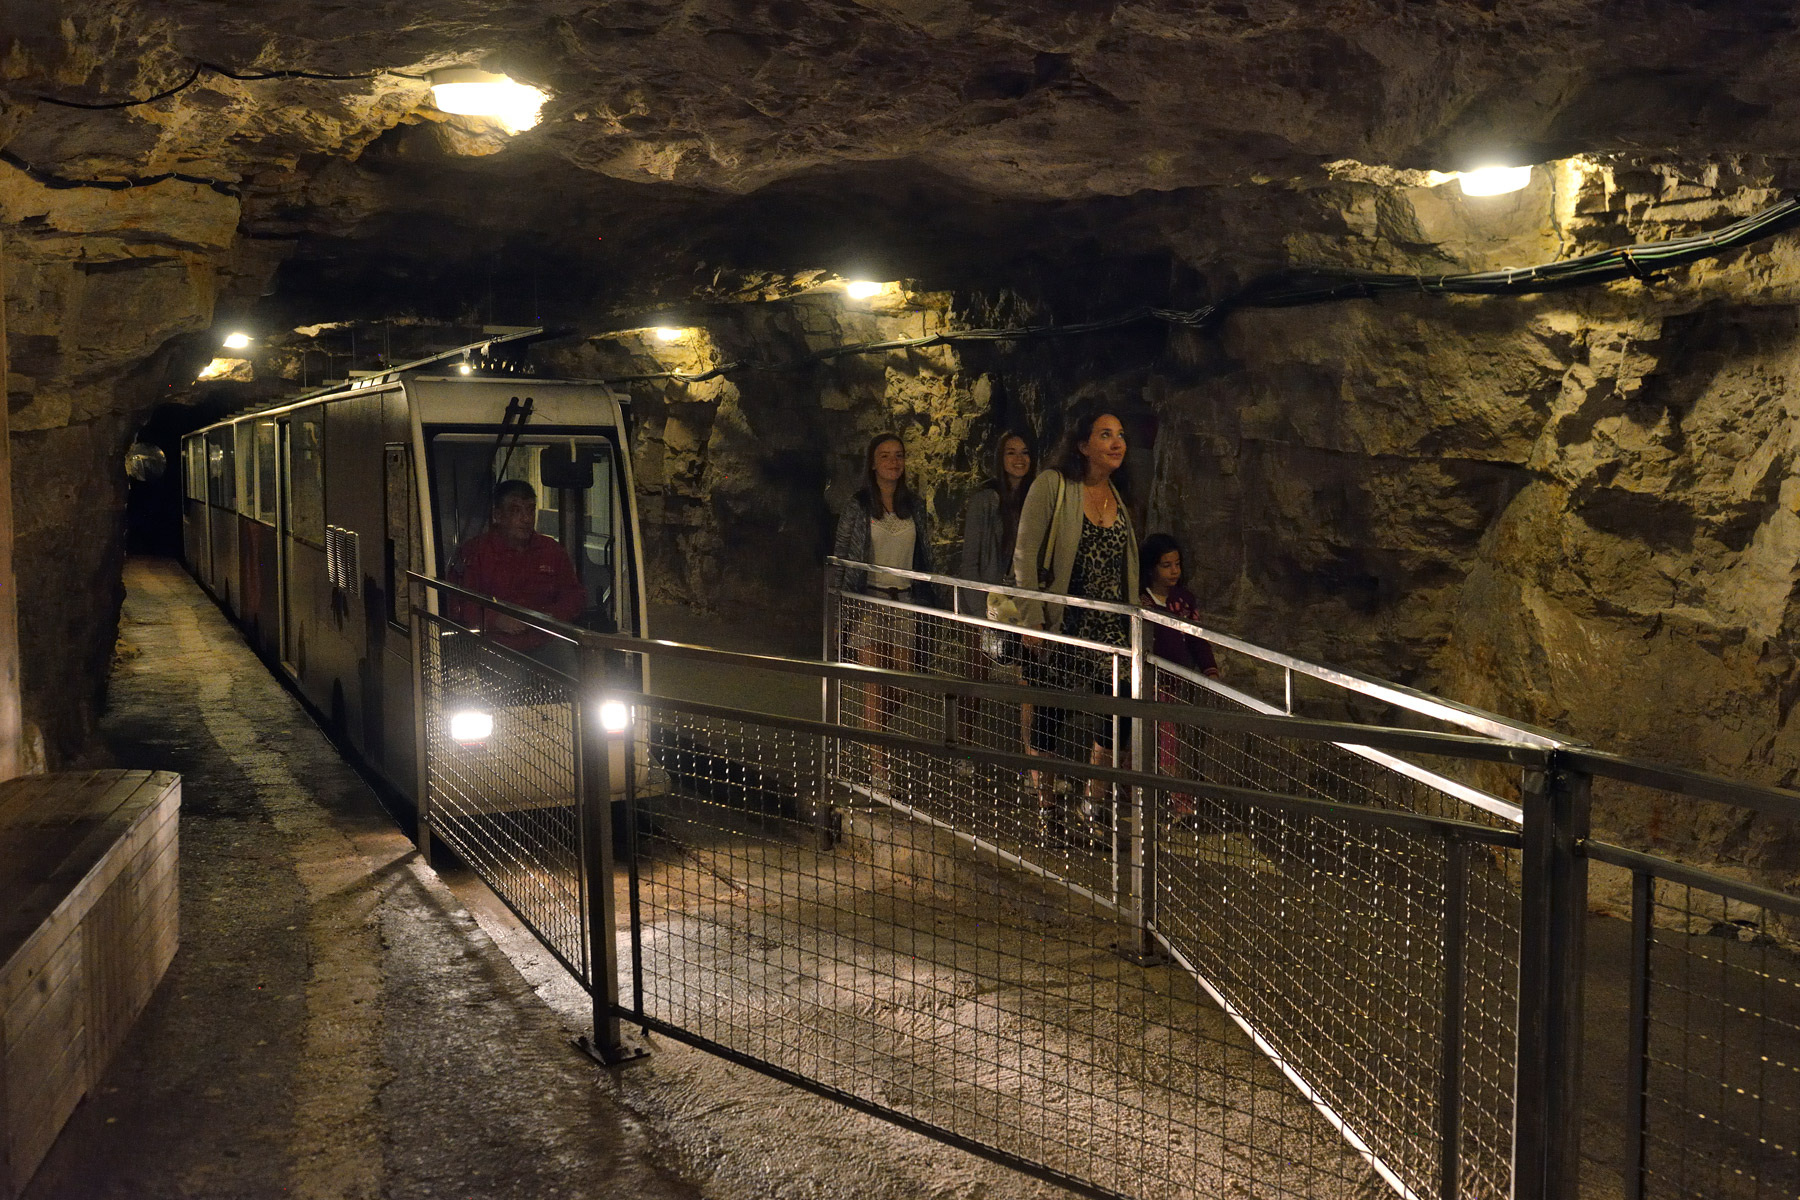 histoire du tourisme souterrain grottes-de-lacave-site_touristique-_michel-blot